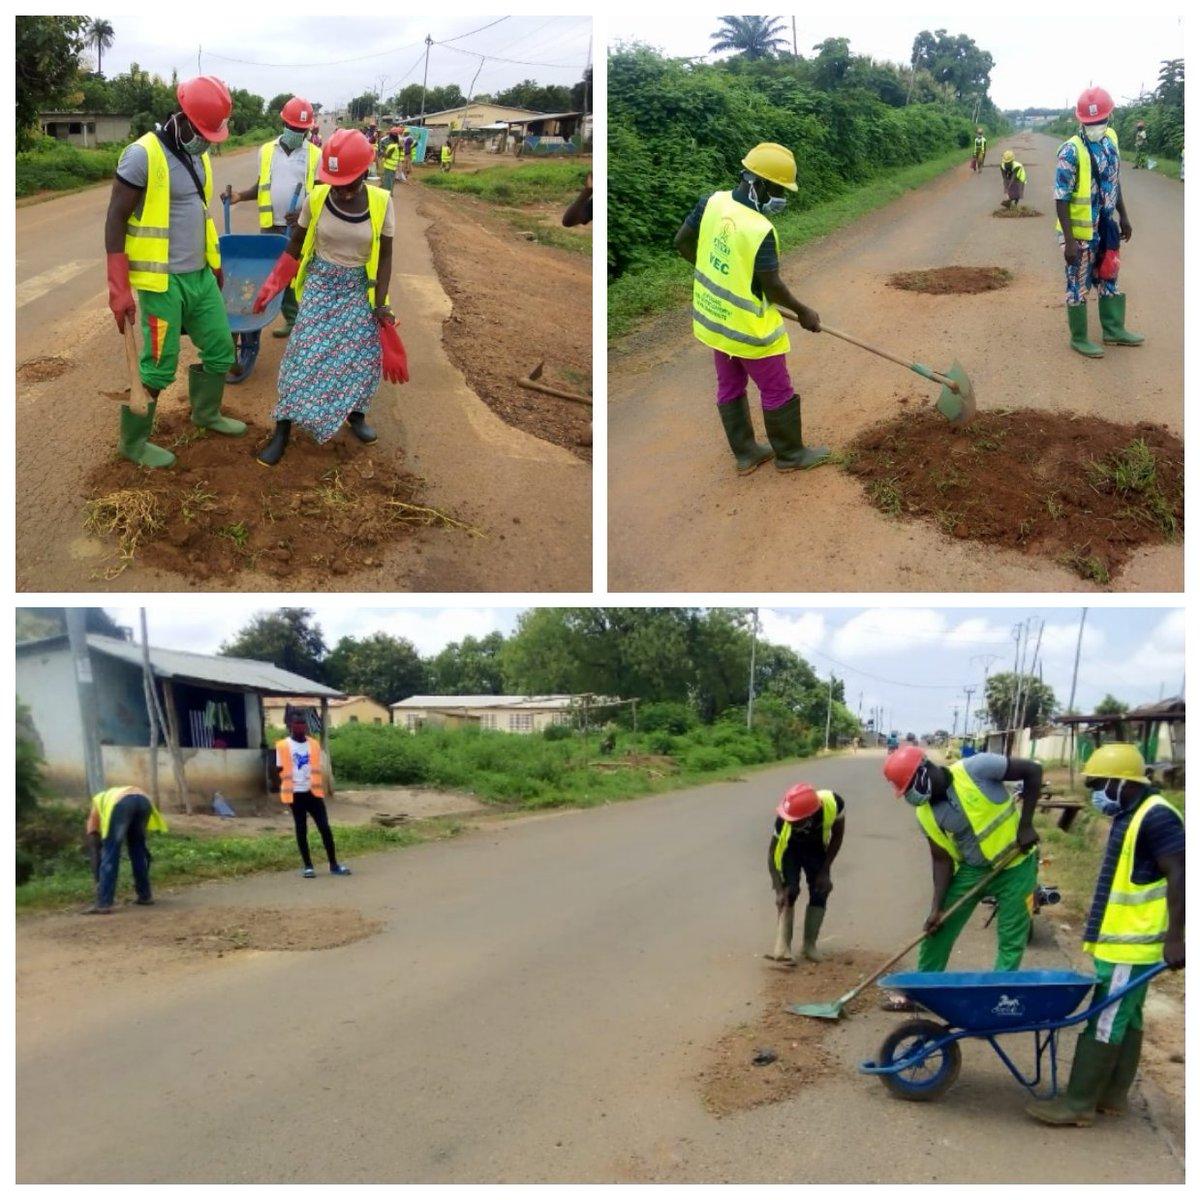 Du 20 août au 02 septembre, les VEC ont remblayé les trous qui se trouvent sur la nationale numéro 14 à Koussountou.  L'objectif est de réduire les accidents constatés sur cette route.  #VEC #JeMengage #CRVCentrale #ANVT https://t.co/PAtb8hmJZ7